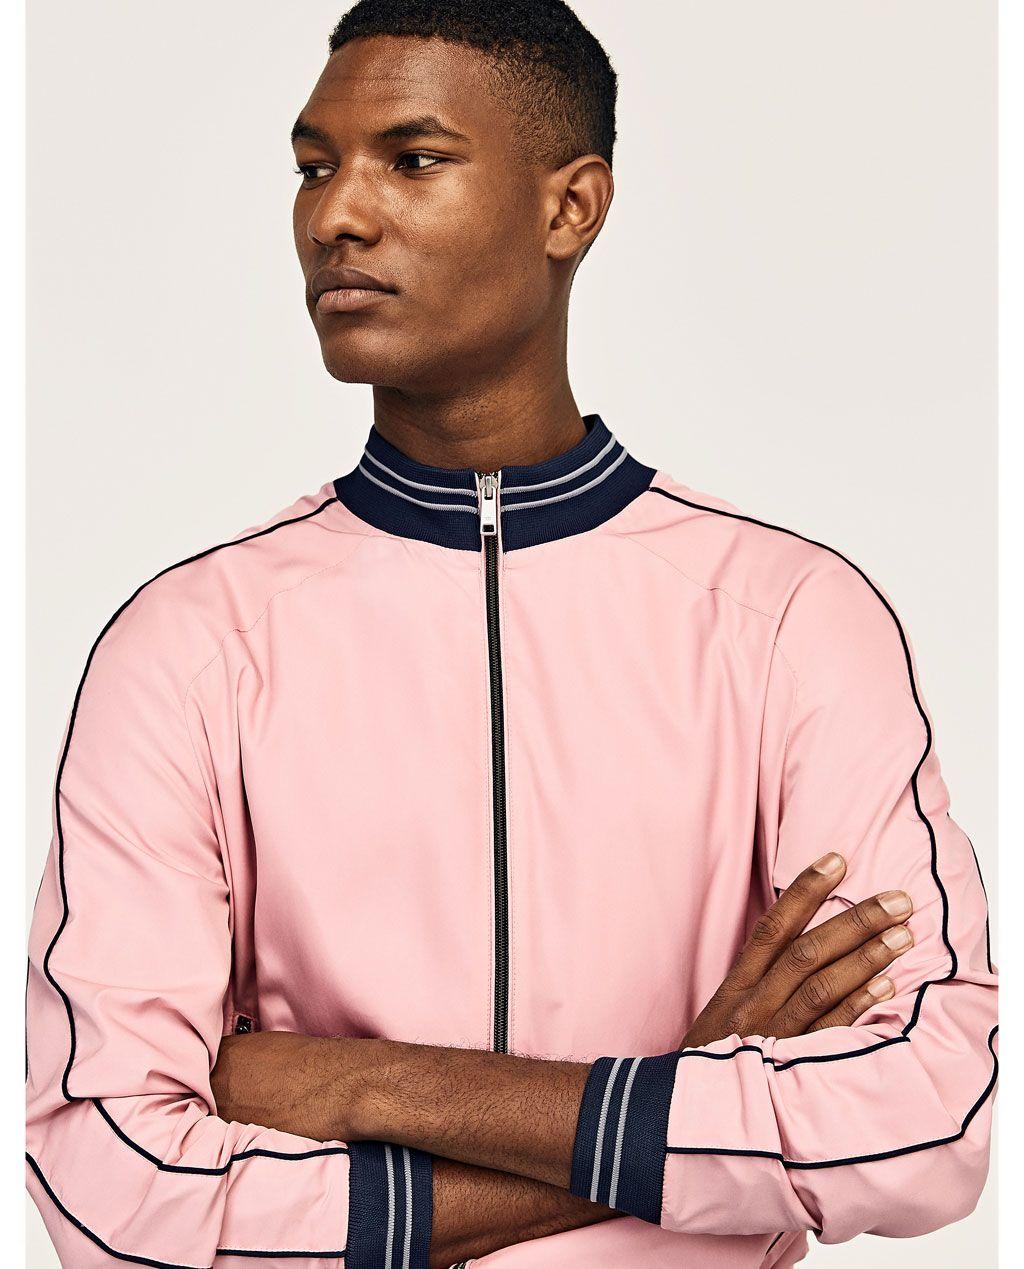 Zara Zara Zara Léger Fashion Prix Petits France Homme Blouson Mens xTfaqgn